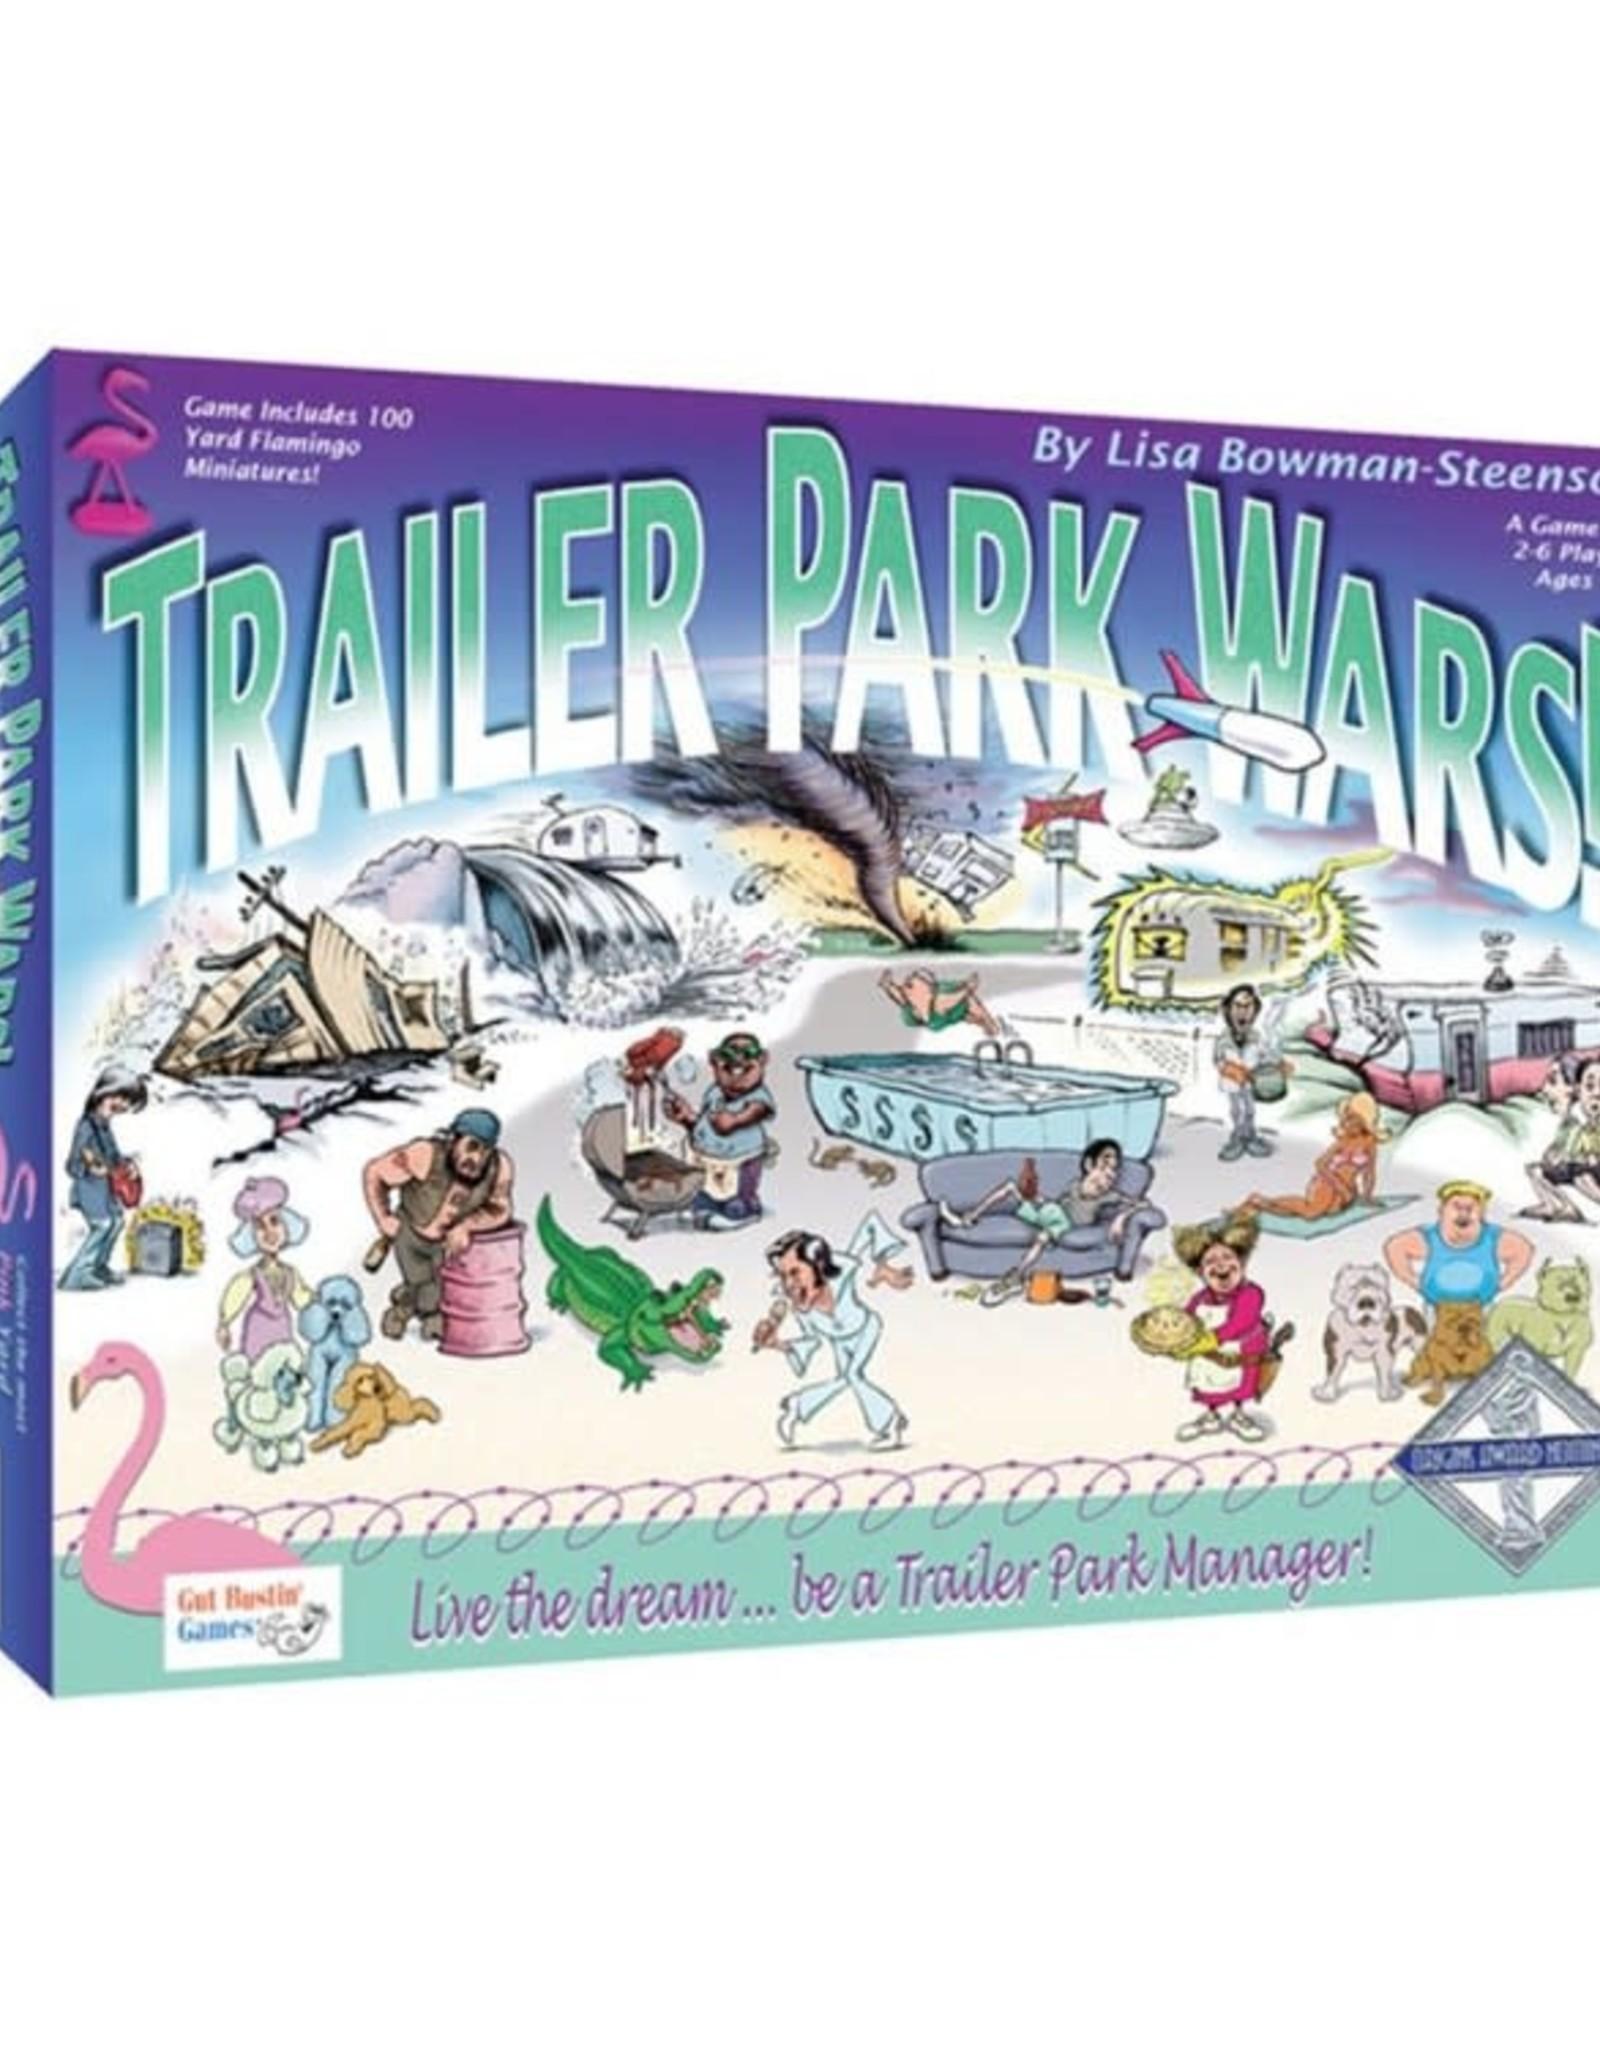 Gut Busting Games Trailer Park Wars